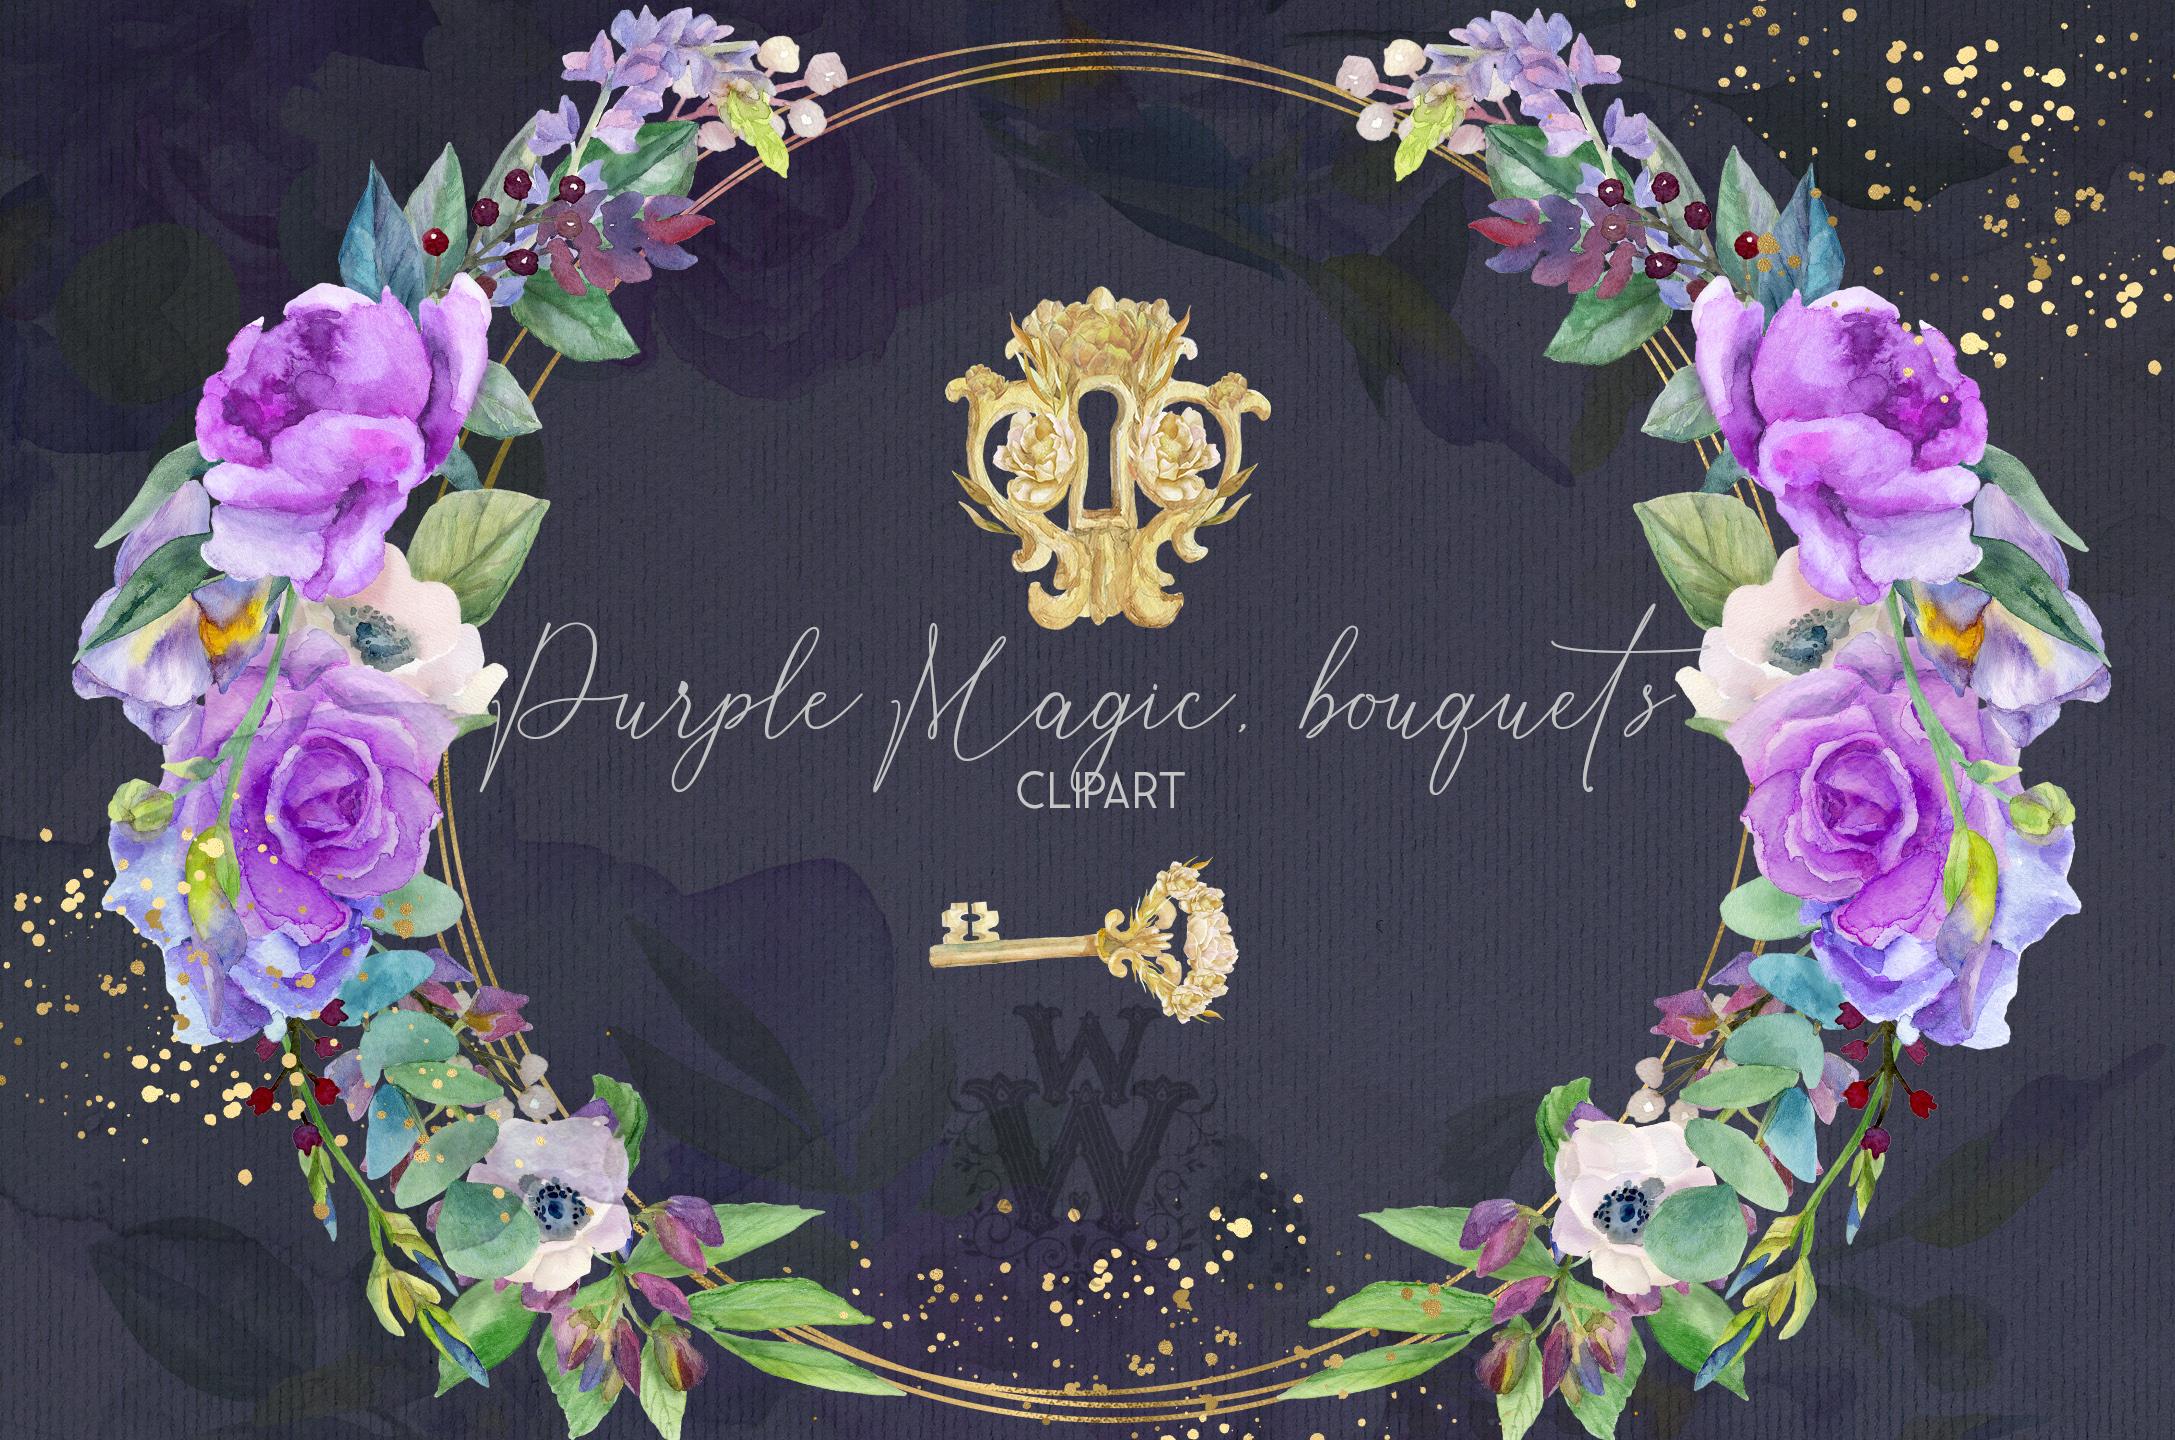 Watercolor purple bouquets clipart wedding arrangement example image 5